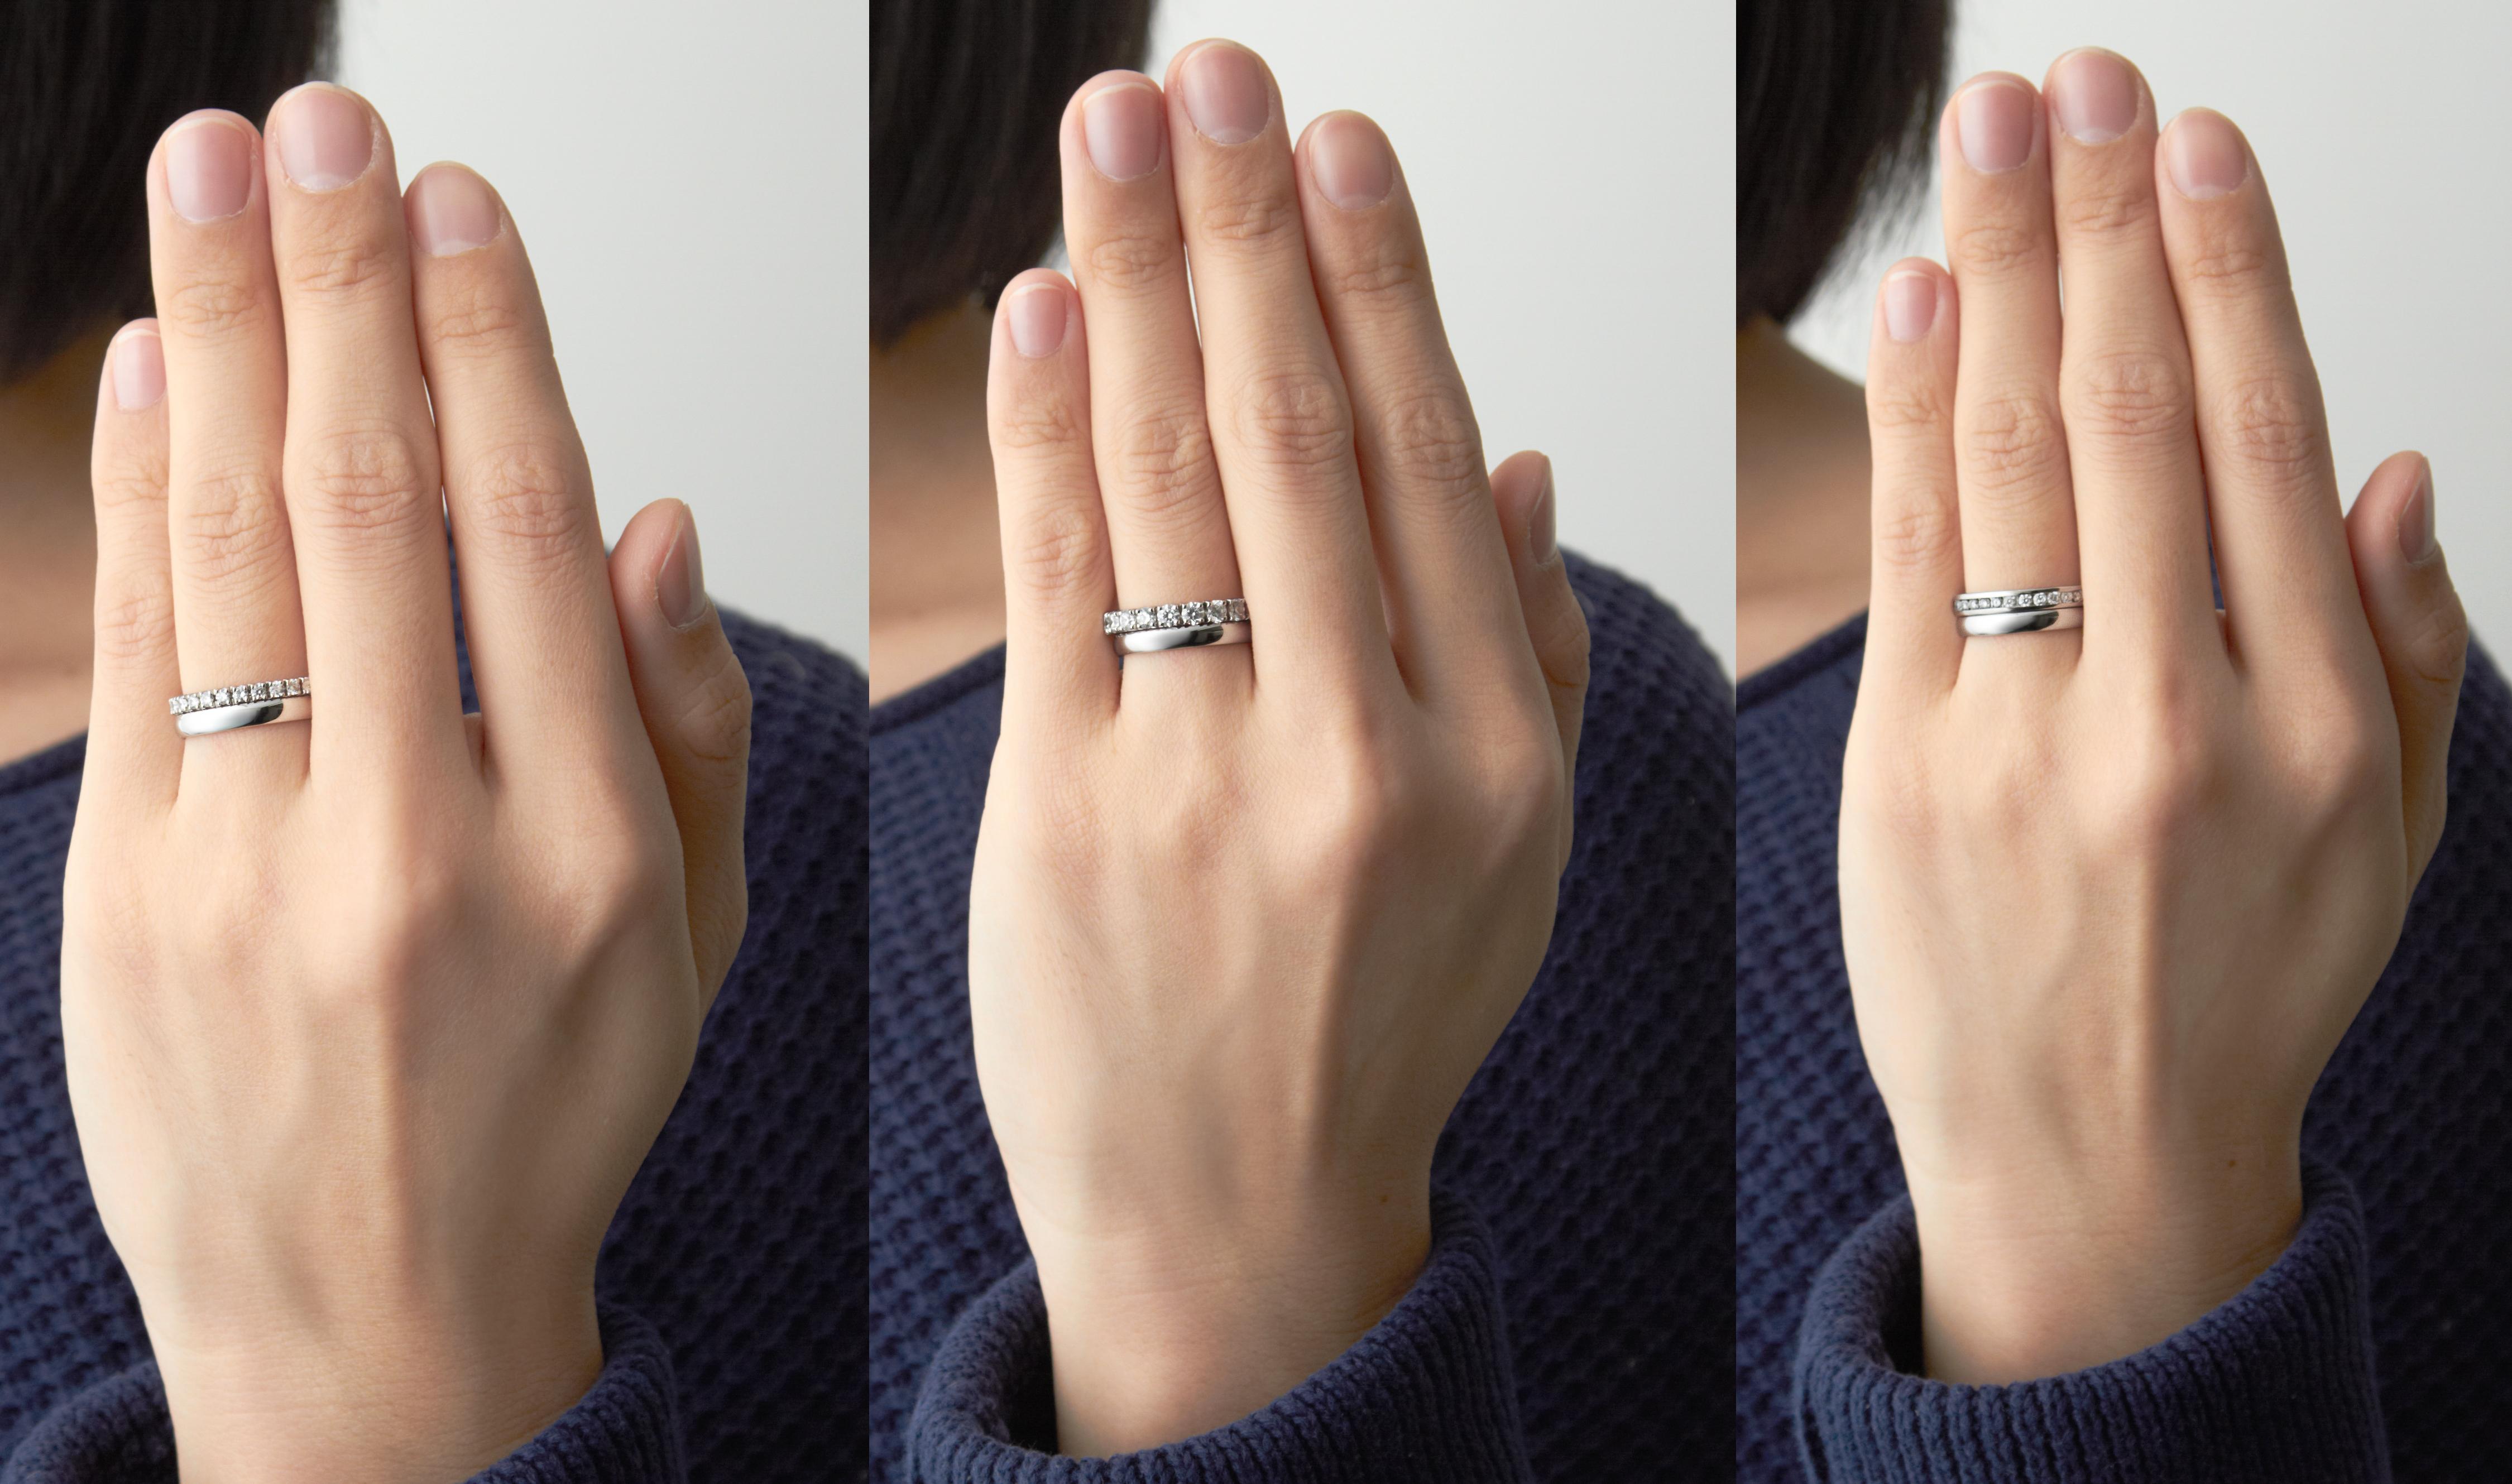 写真のなかで身につけているシンプルな結婚指輪はすべて同じデザインで